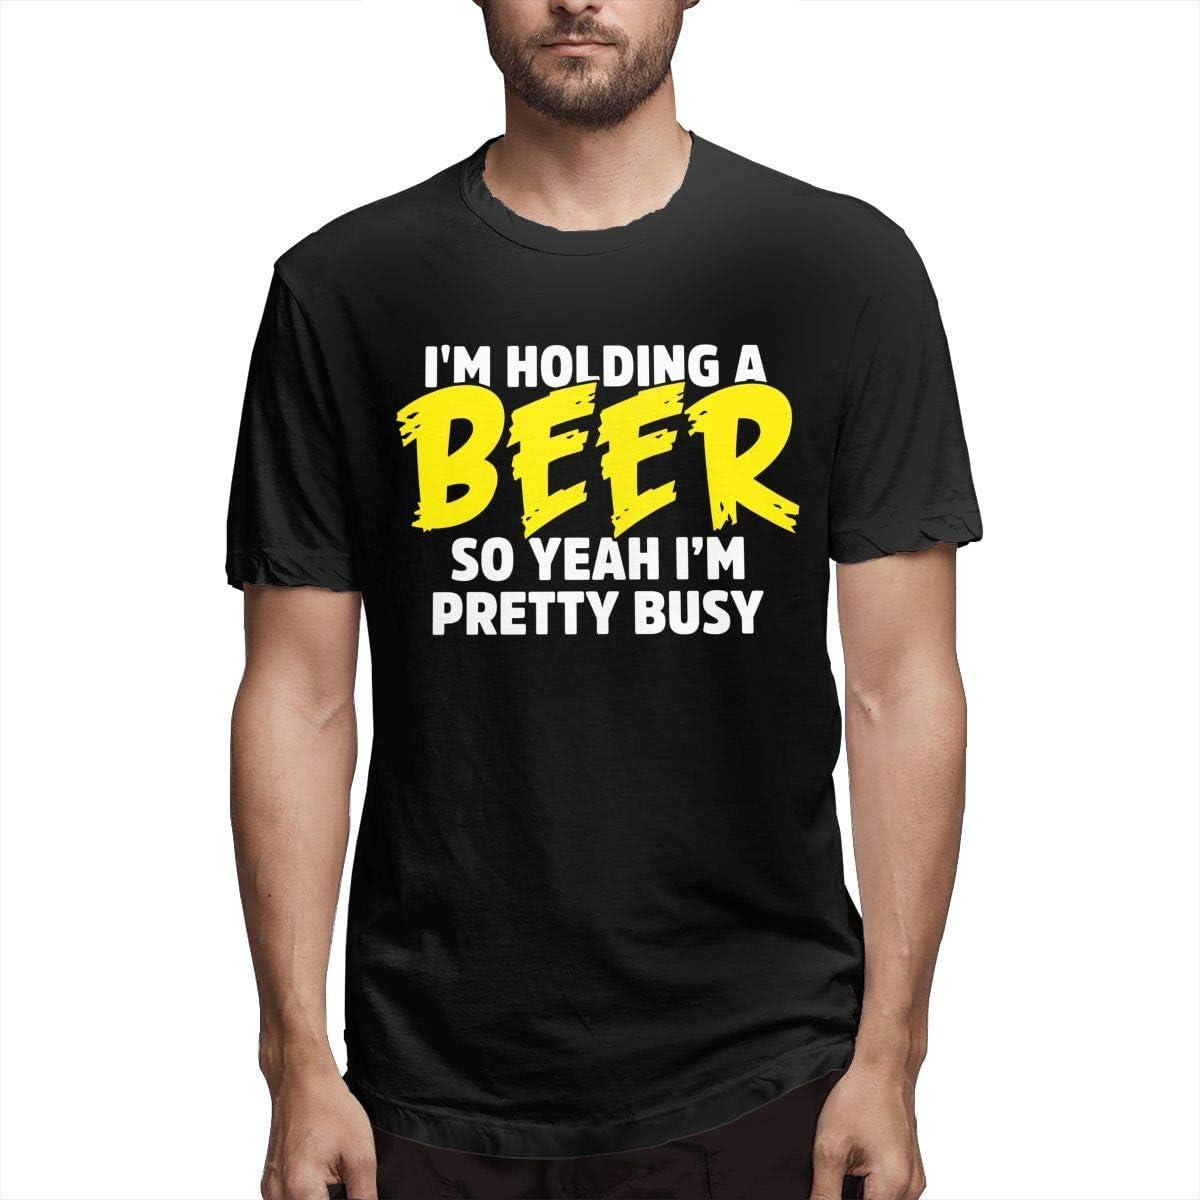 Nuevo Hombre Camisetas de Manga Corta Estoy sosteniendo una Cerveza Así Que sí, Estoy Bastante Ocupado Ropa de Verano Tops para Hombres 5XL: Amazon.es: Ropa y accesorios